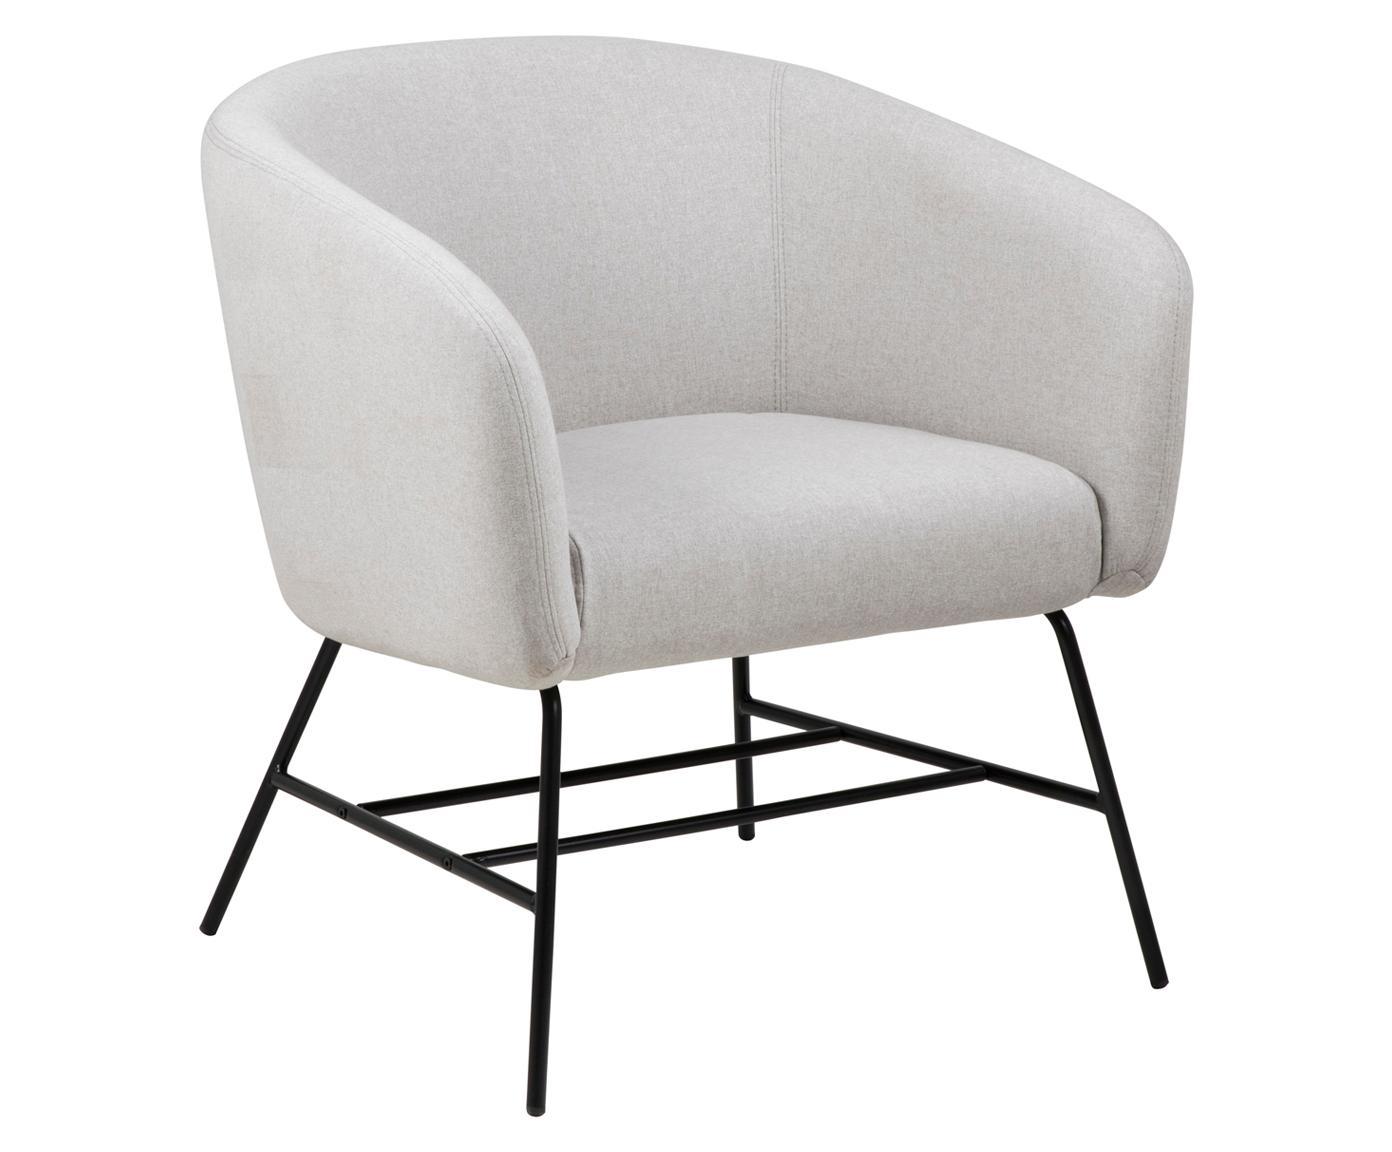 Moderne fauteuil Ramsey in lichtgrijs, Bekleding: polyester, Poten: gepoedercoat metaal, Bekleding: lichtgrijs. Poten: zwart, B 72 x D 67 cm